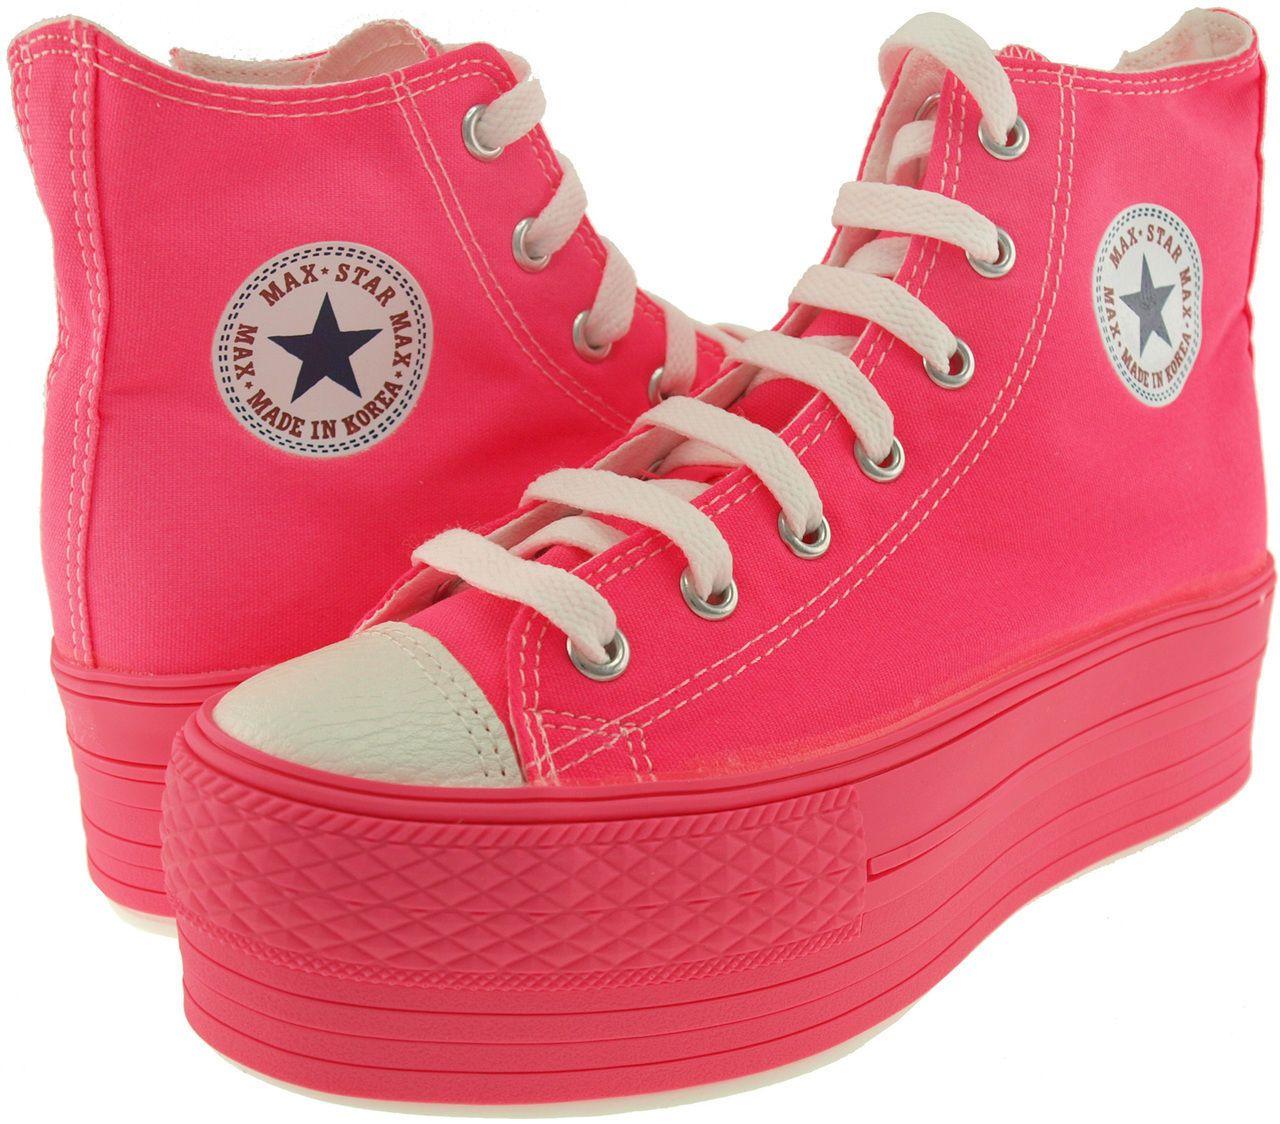 6cf93c863af56 MaxStar C50 7 Holes Canvas Zipper Platform All Neon Sneakers Shoes 3 ...